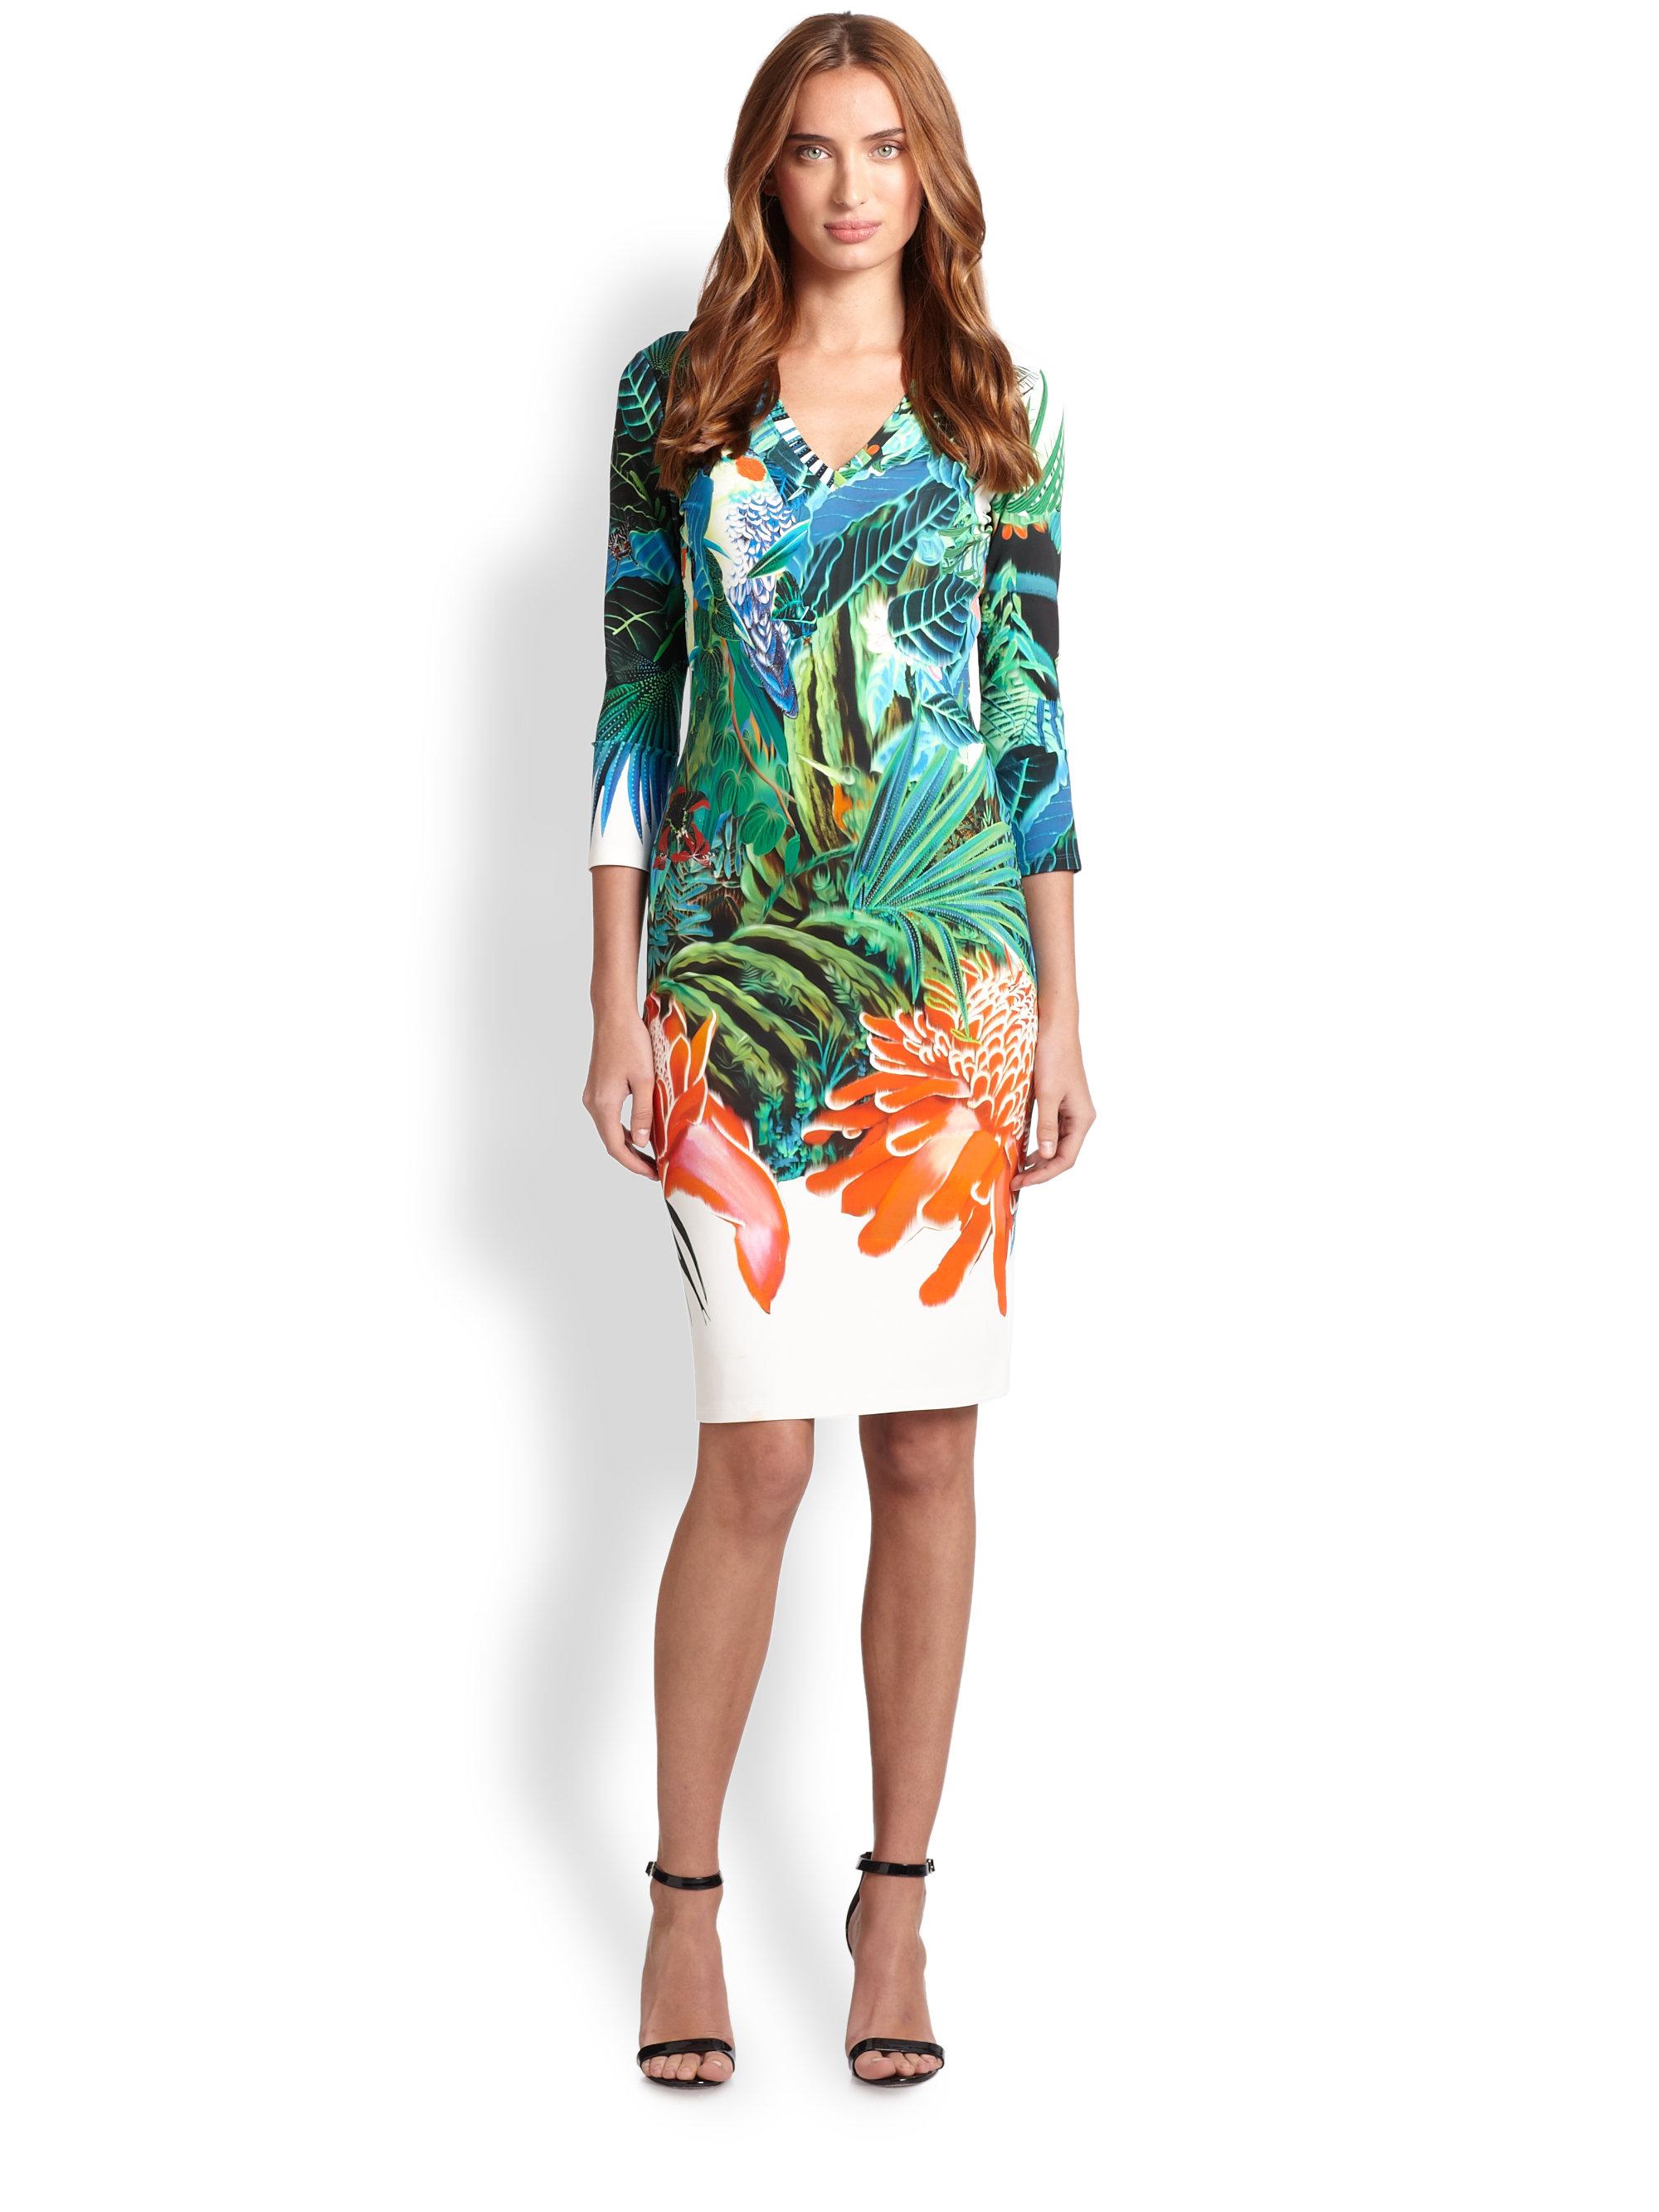 Jungle Print Clothes